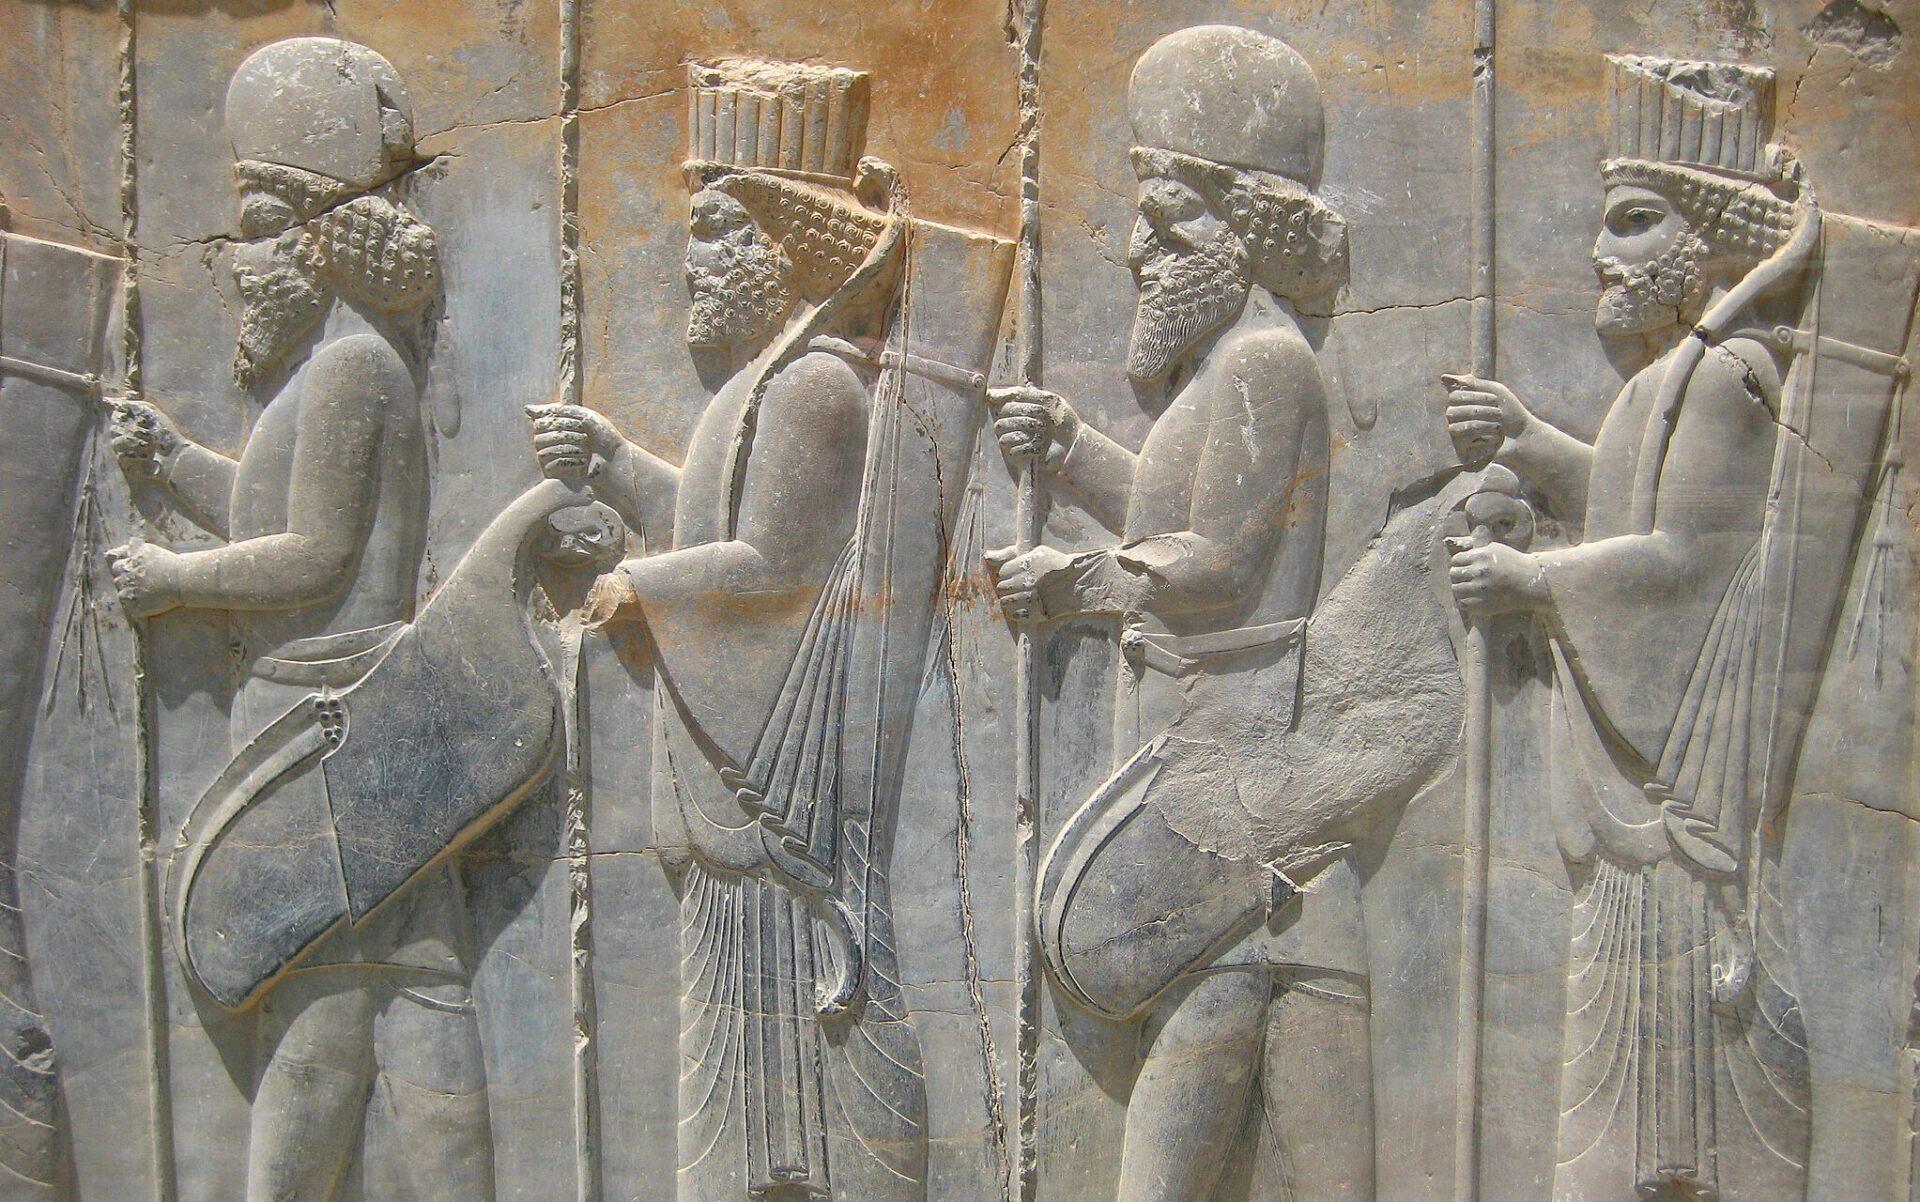 世界史年表 世紀別/地域別(紀元前6世紀)